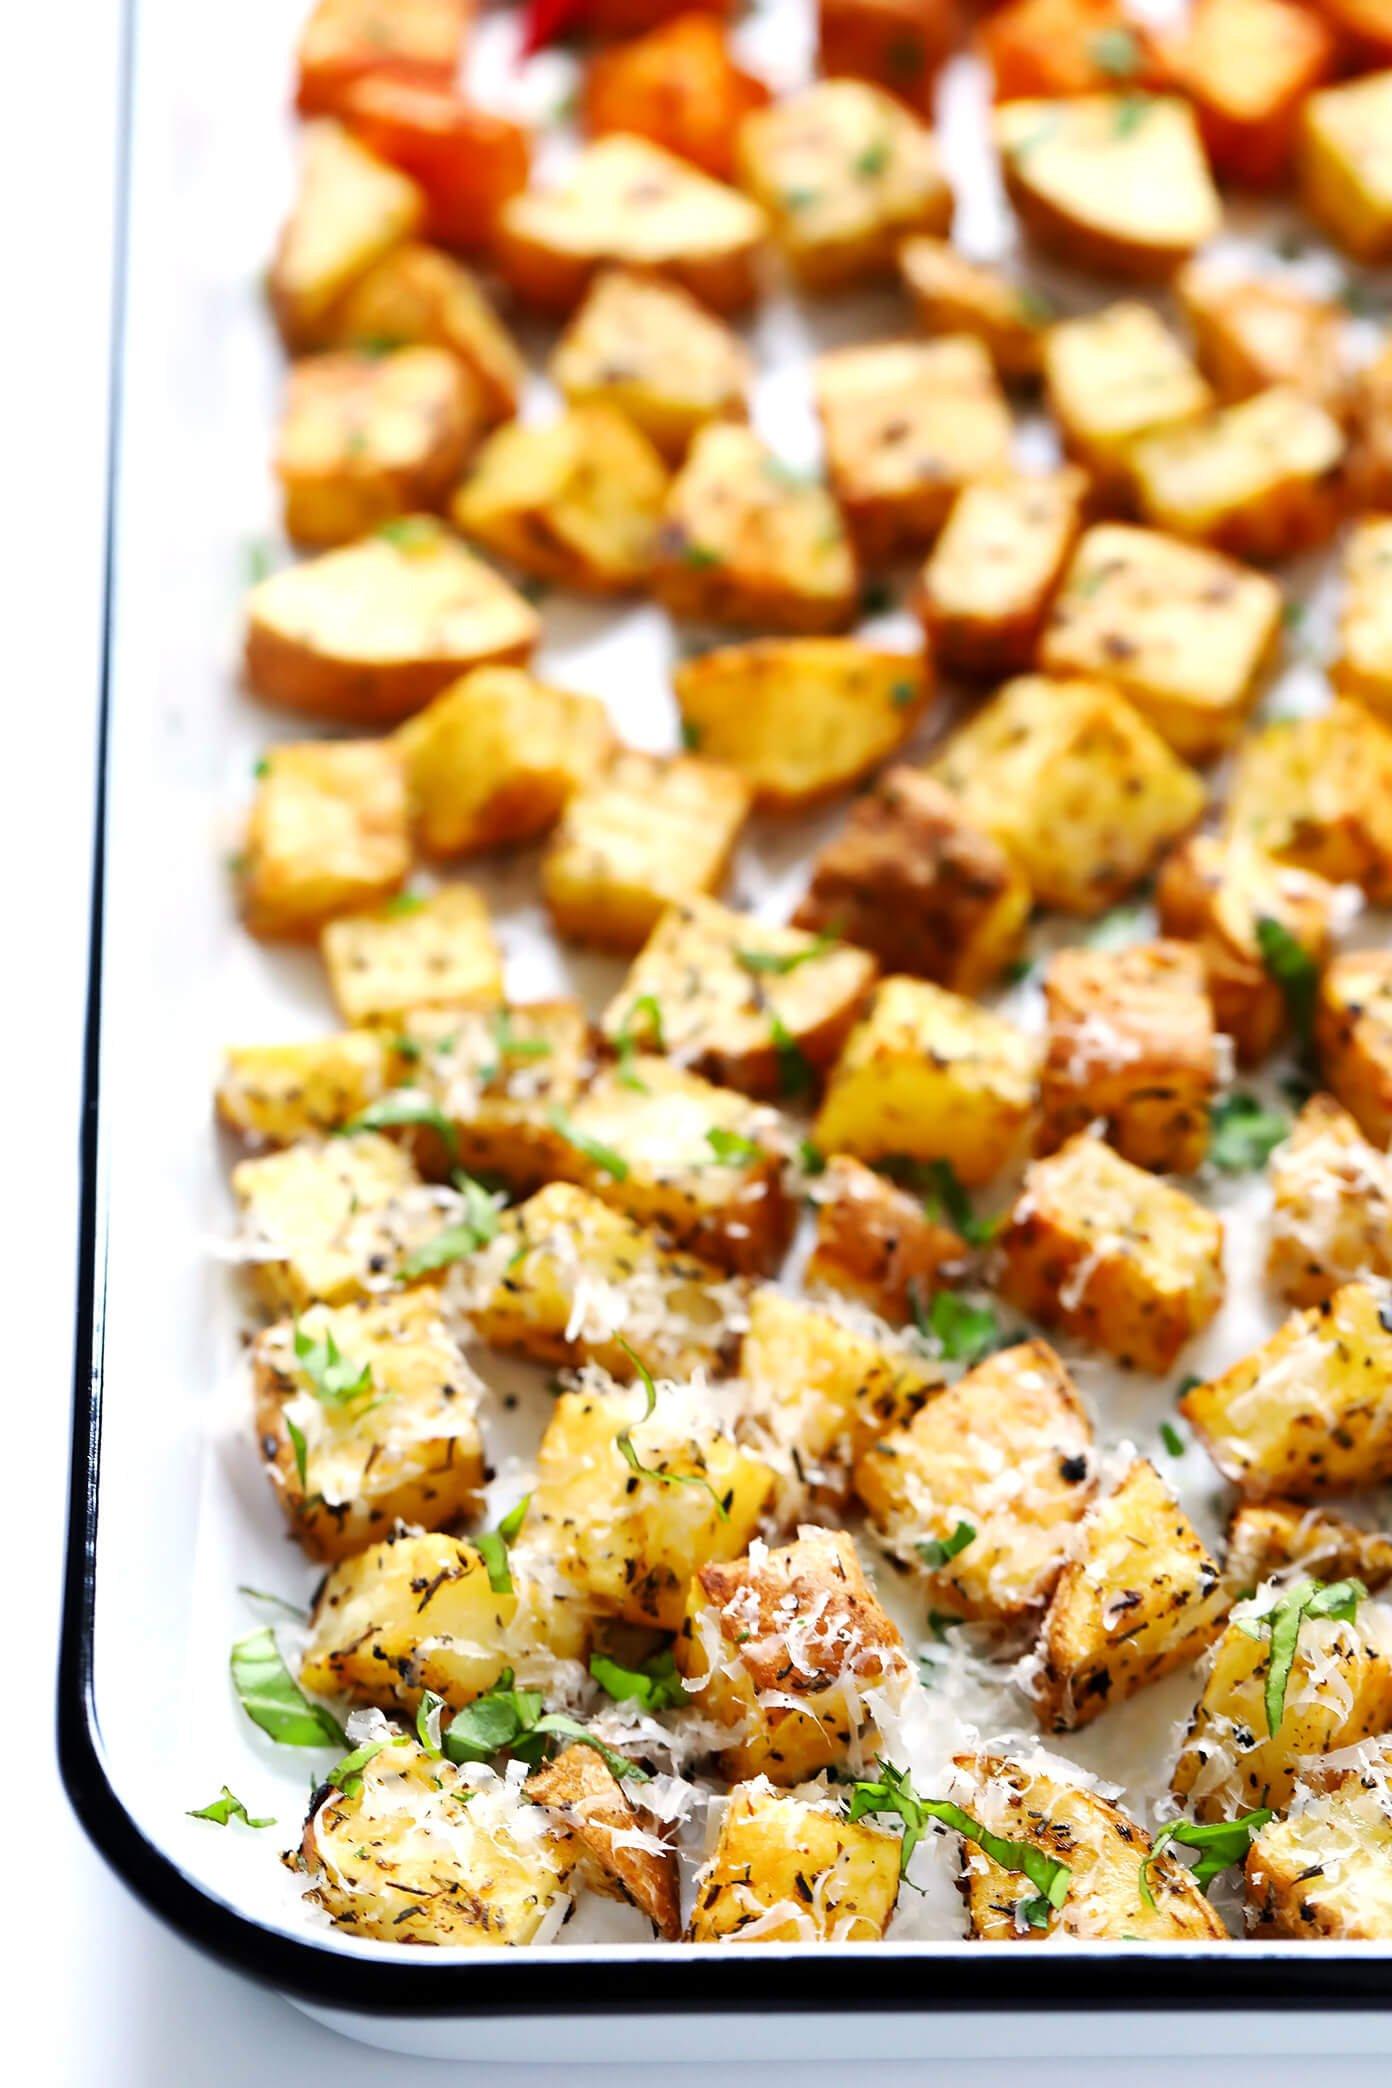 Crispy Roasted Potatoes Recipe | Smoky, Lemony and Cheesy